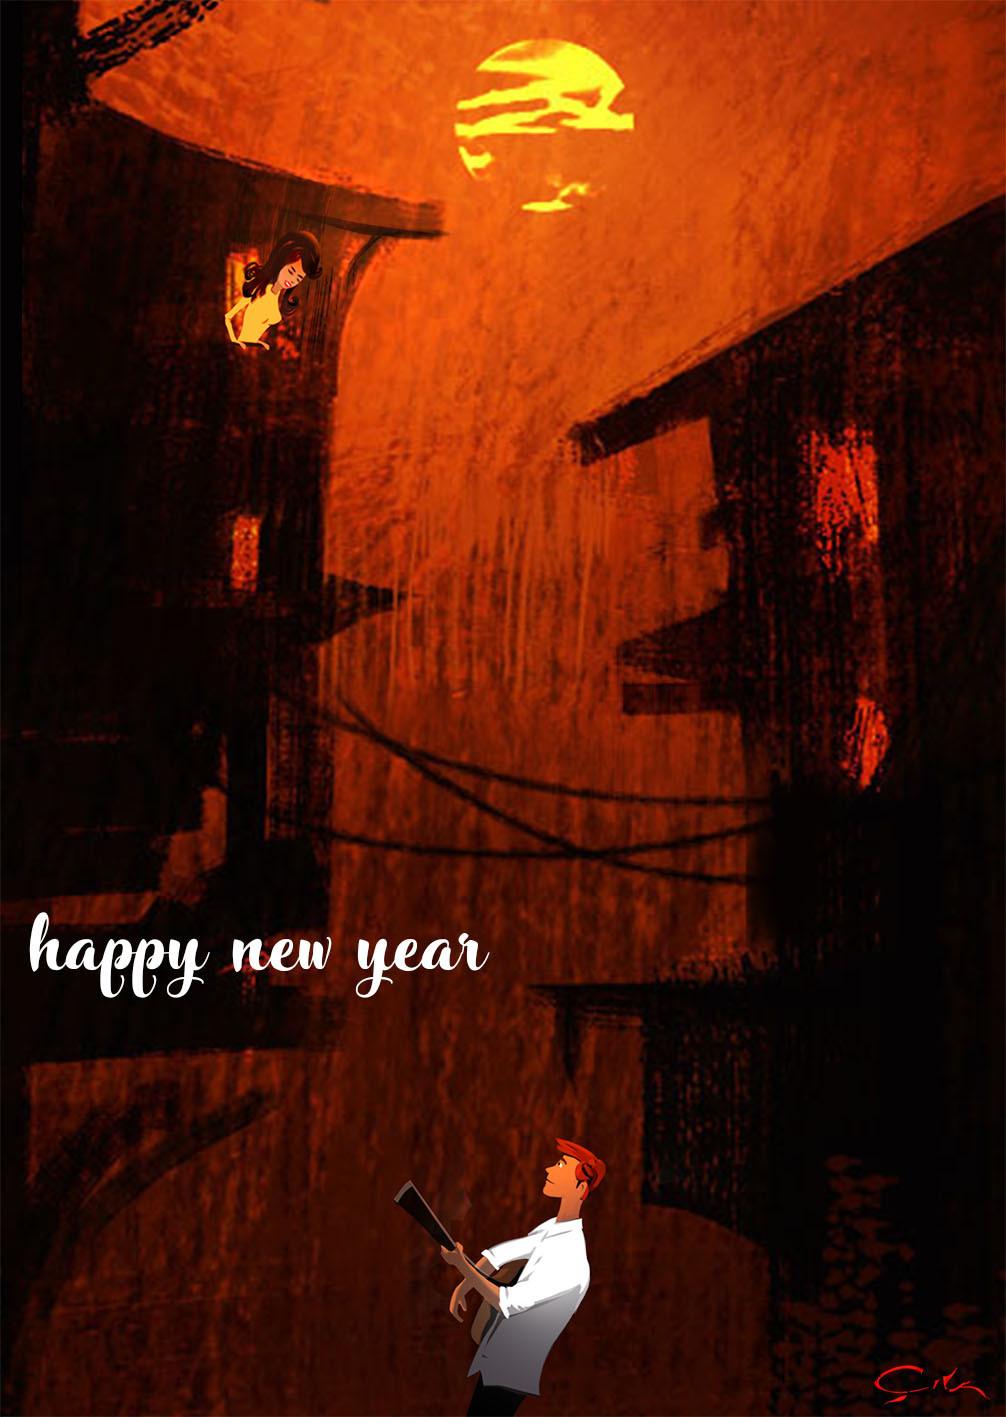 Emrullah cita happy new year